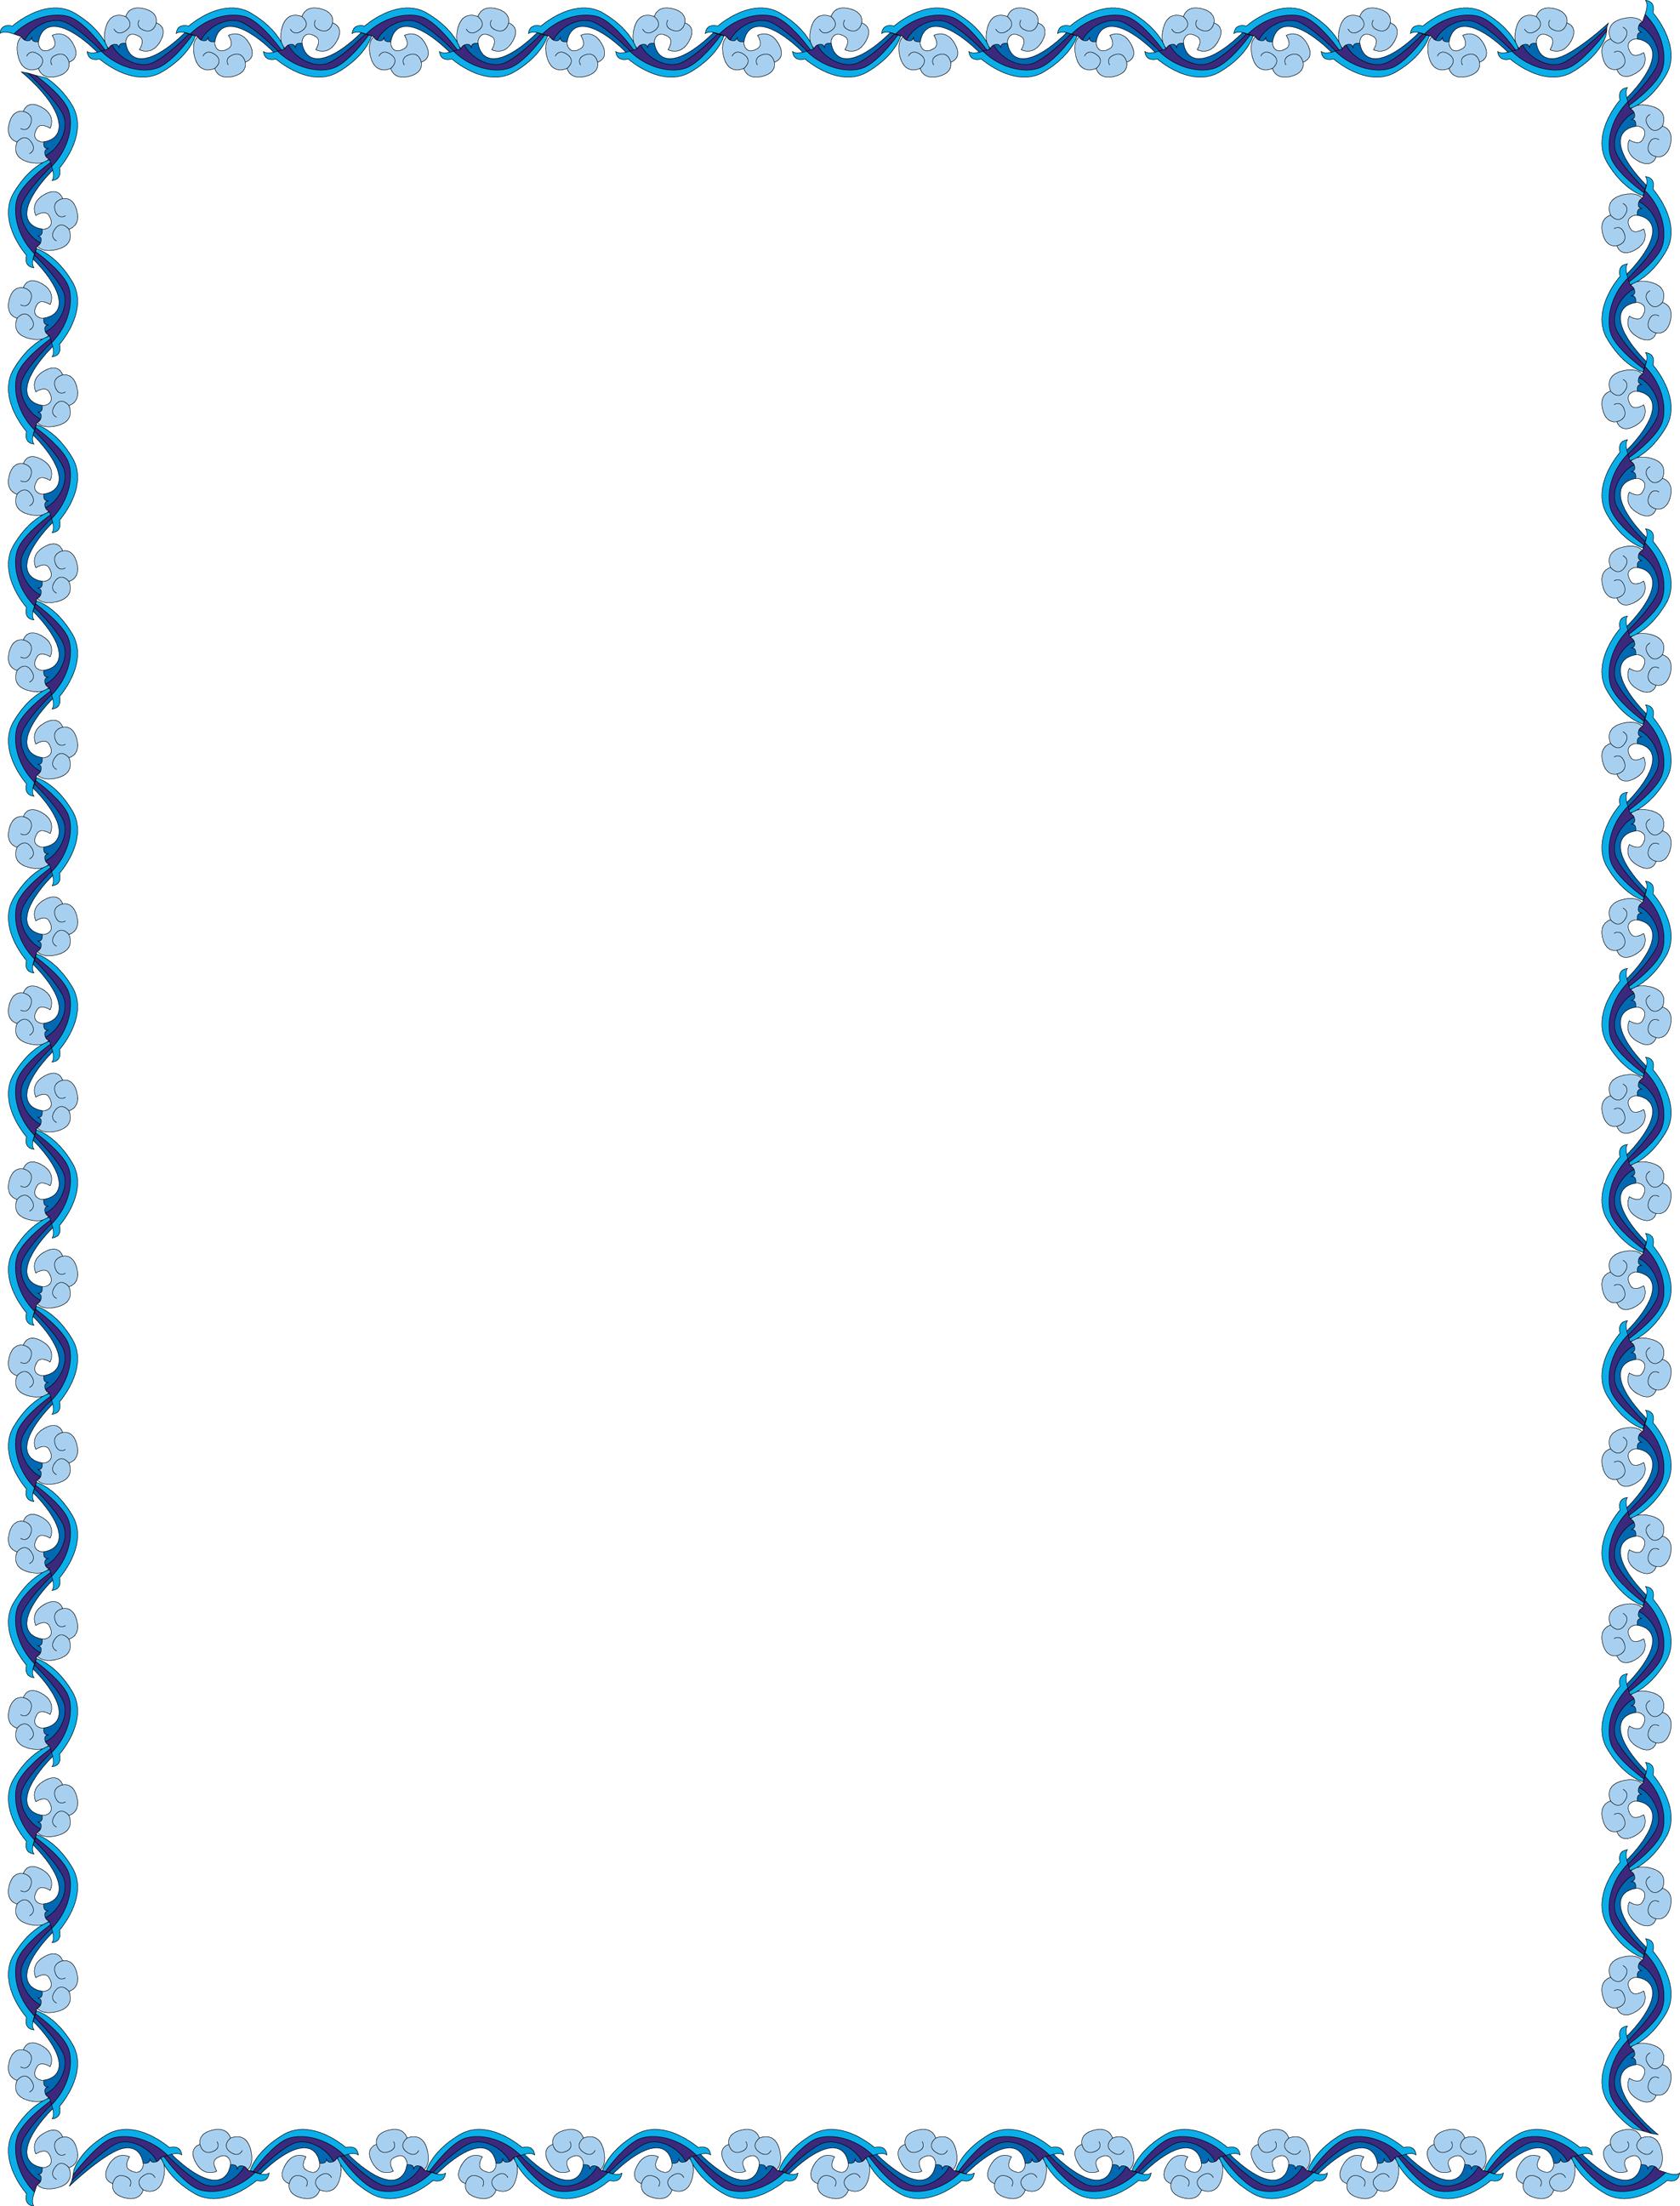 Blue border png. Element outline transprent free